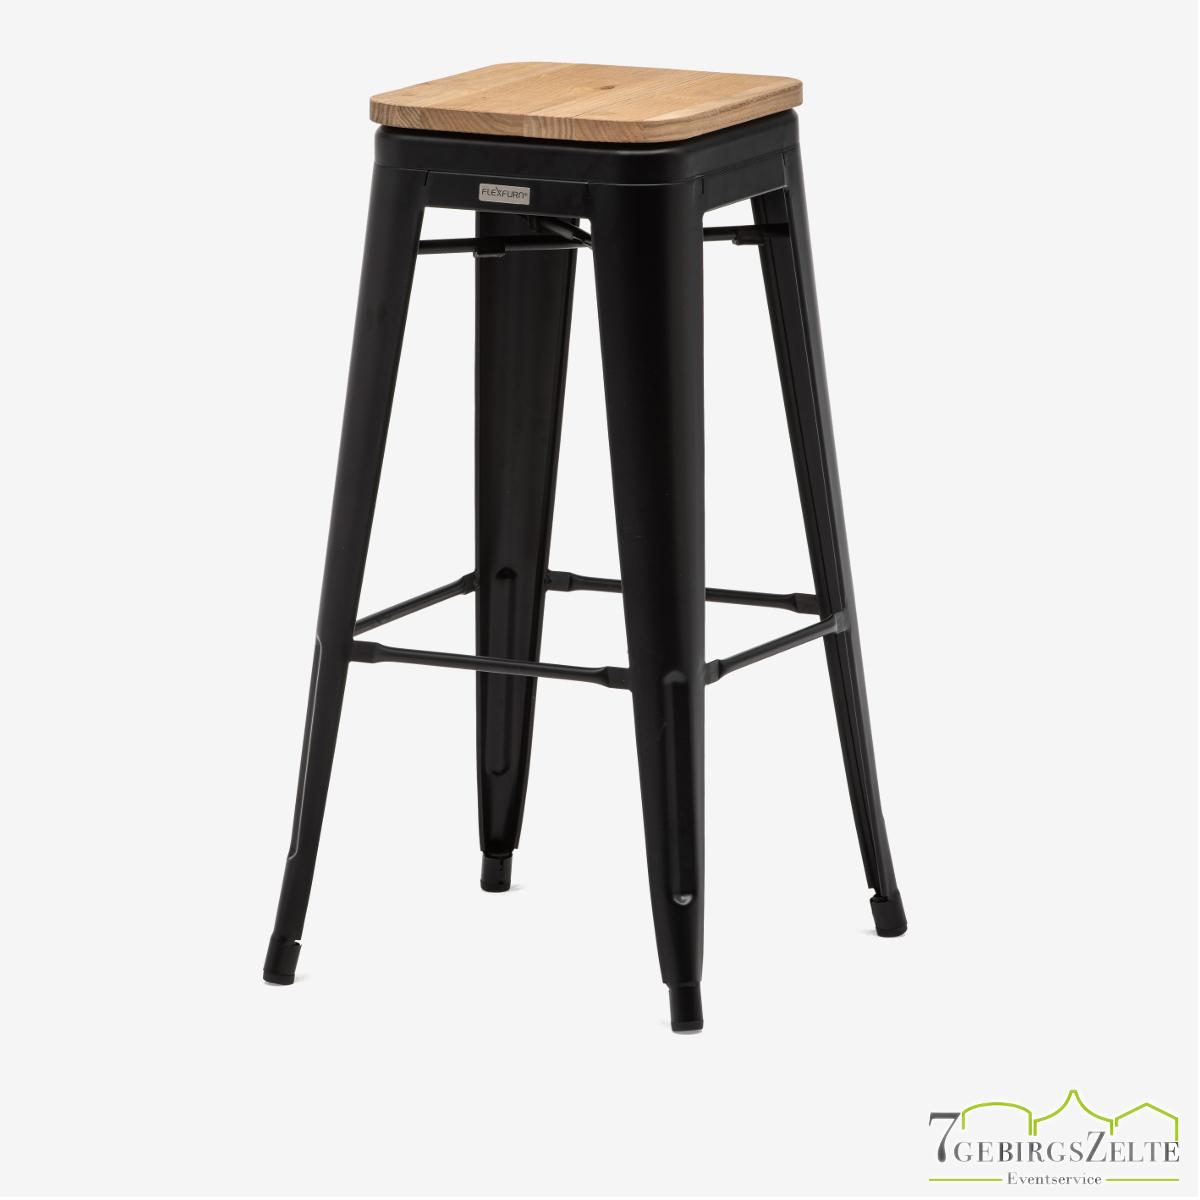 Tolix Barhocker; Stahl schwarz; mit Sitzfläche natürliche Ulme